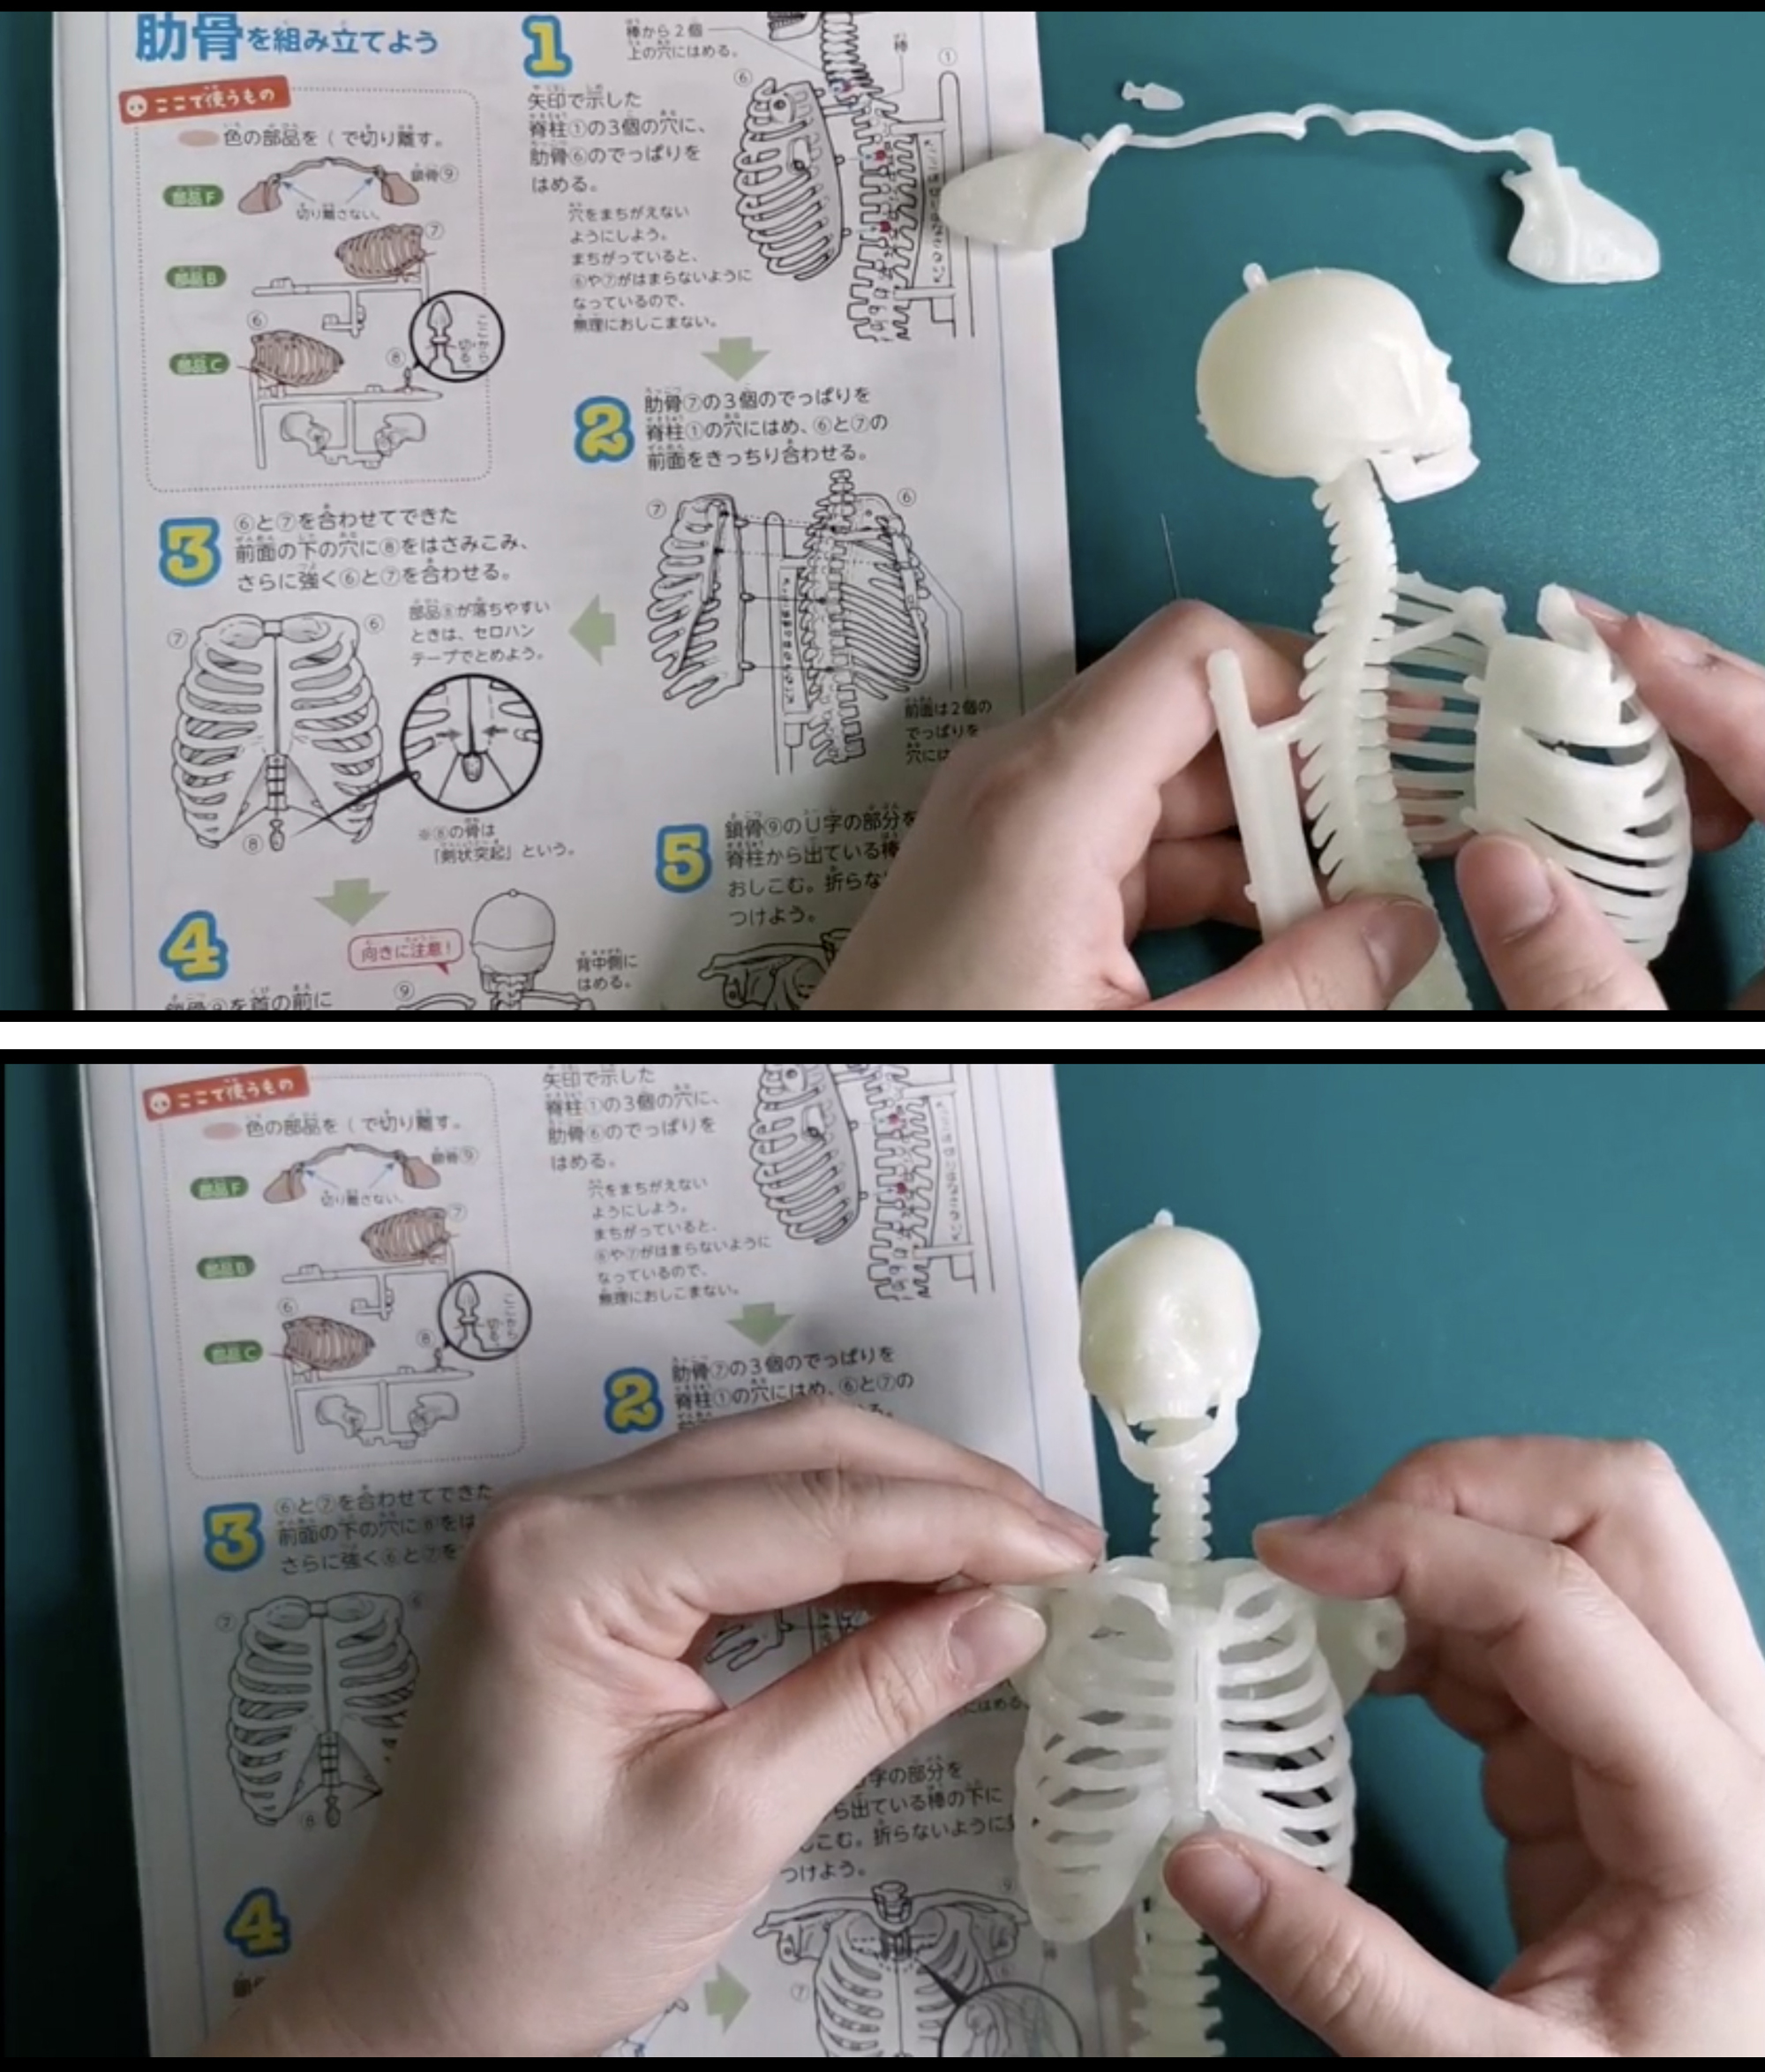 「リアルな模型をパズルのように組み立てるうちに、体のつくりや骨の形に詳しくなれる」画像